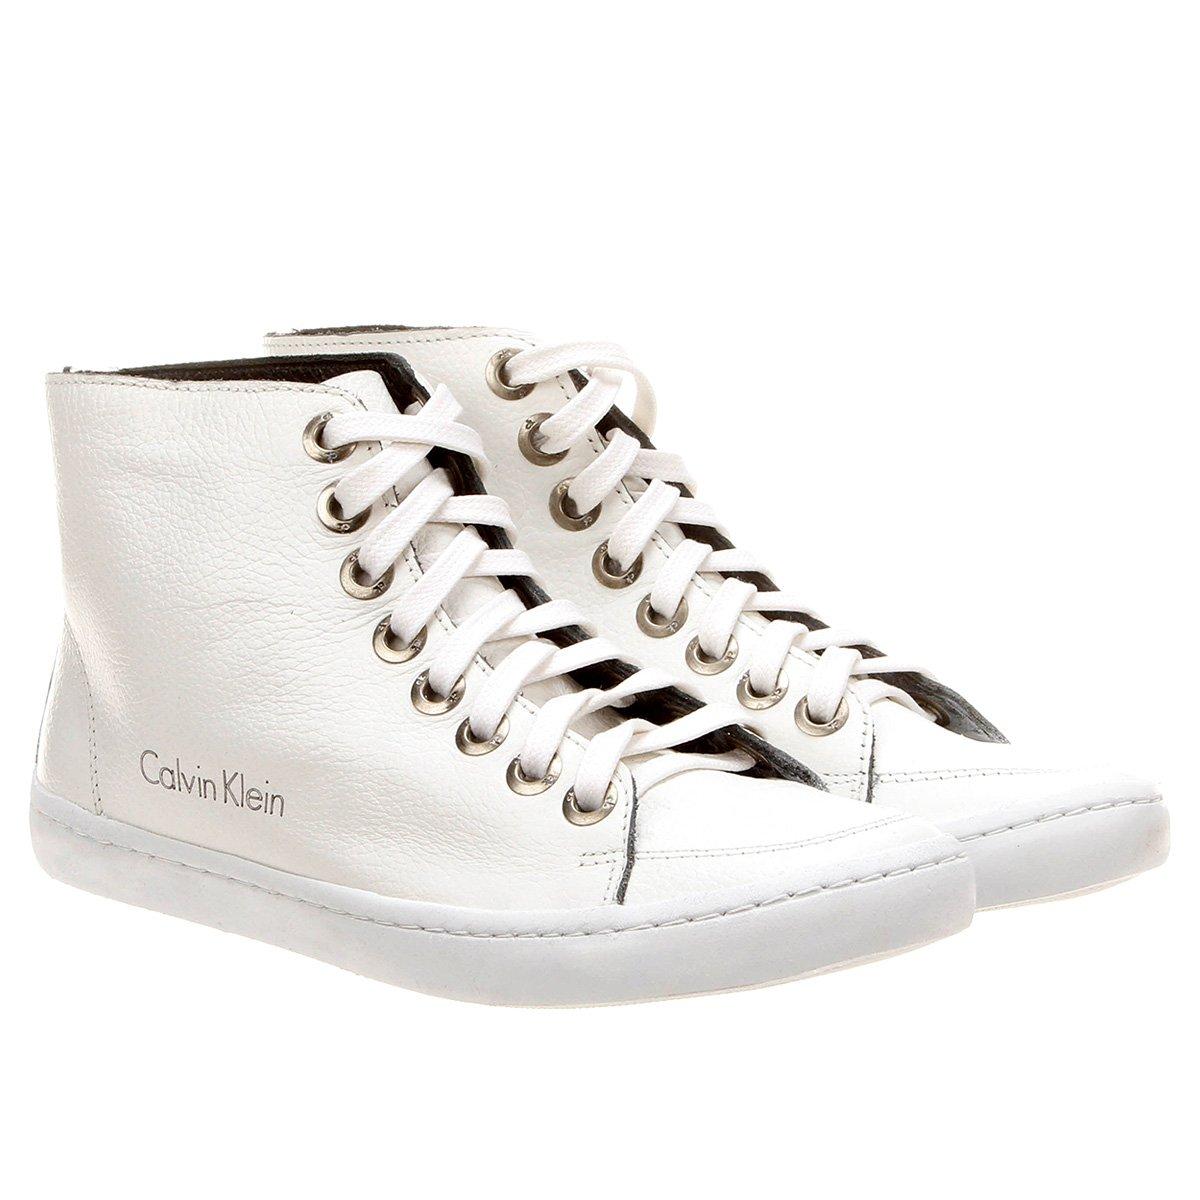 Tênis Calvin Klein Cano Alto - Compre Agora   Netshoes 61c6e01bf8